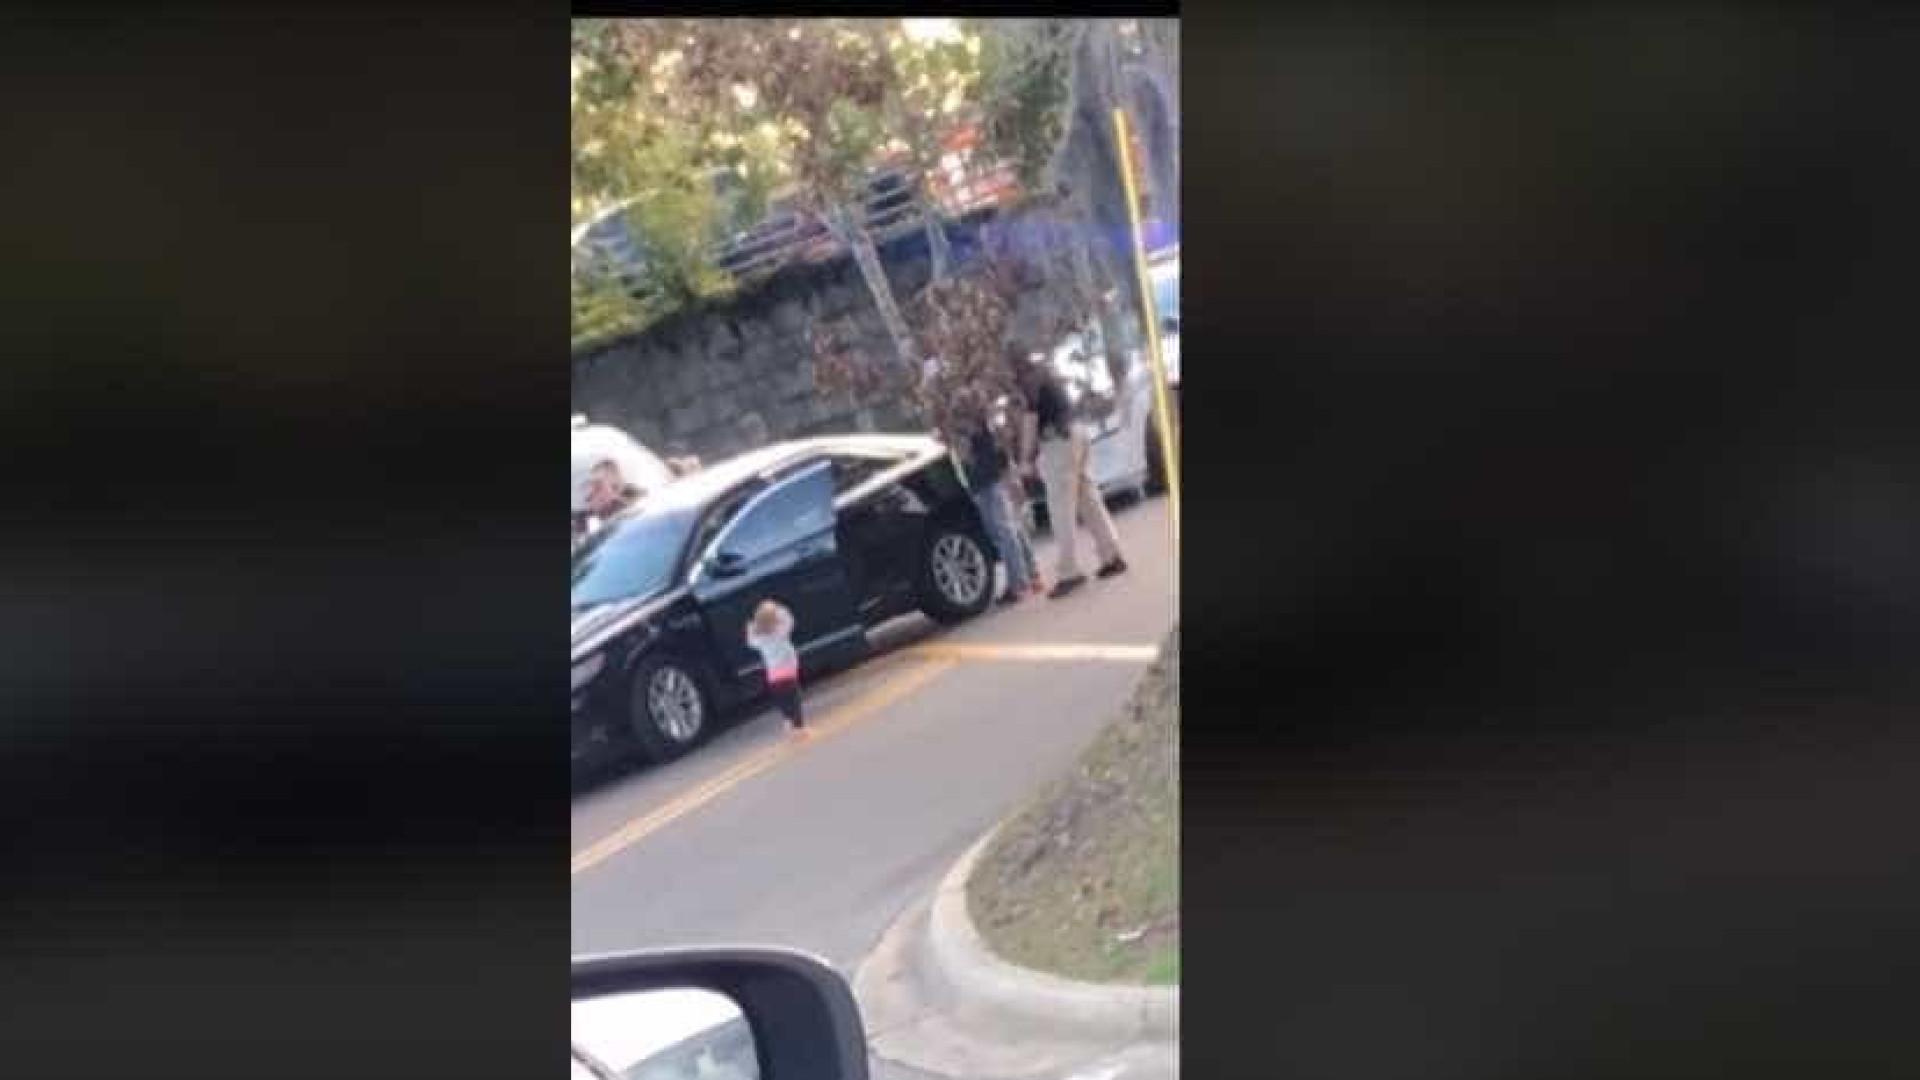 Menina 'se rende' após pais serem detidos pela polícia